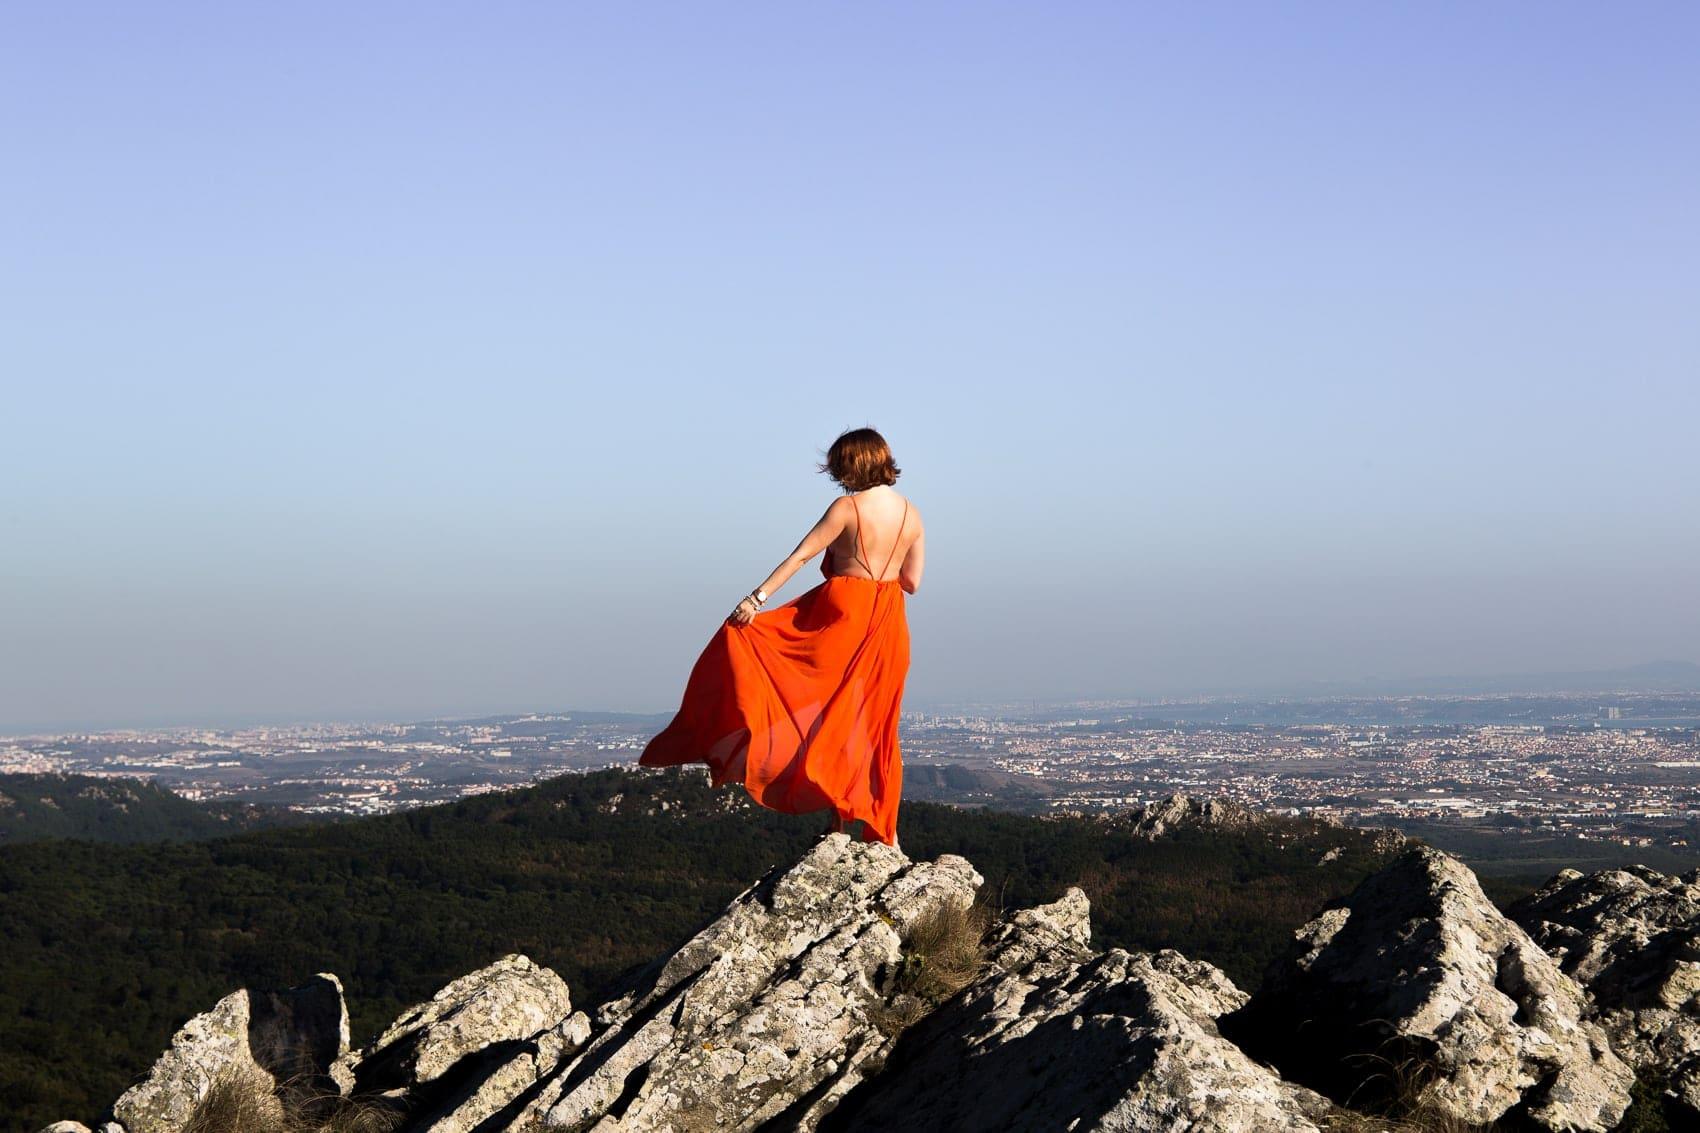 7 Jahre Bloggen & Des Belles Choses: Ein persönlicher Rückblick